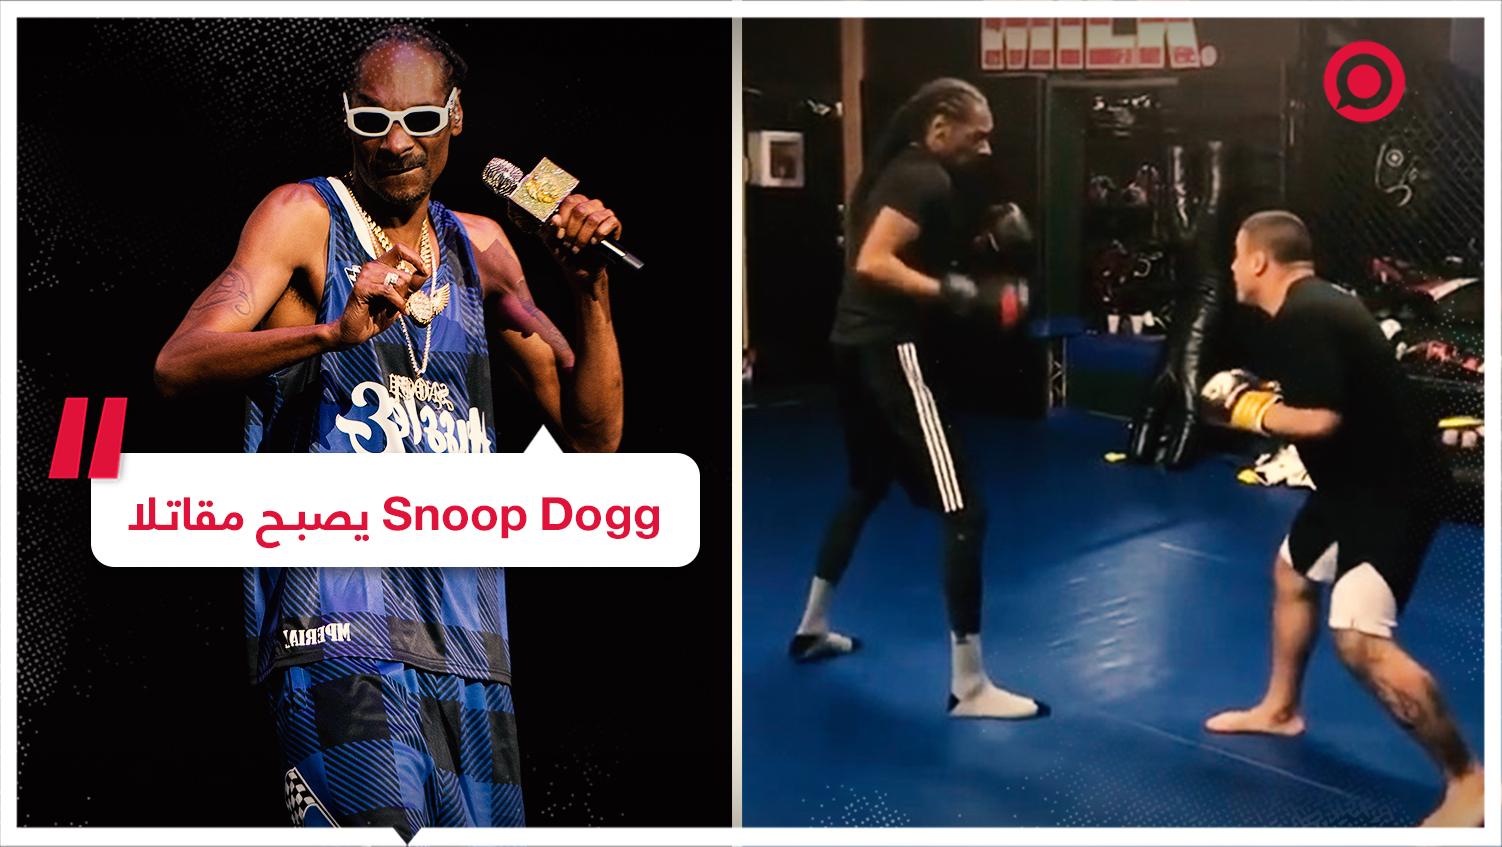 الرابر Snoop Dogg يصبح مقاتلا